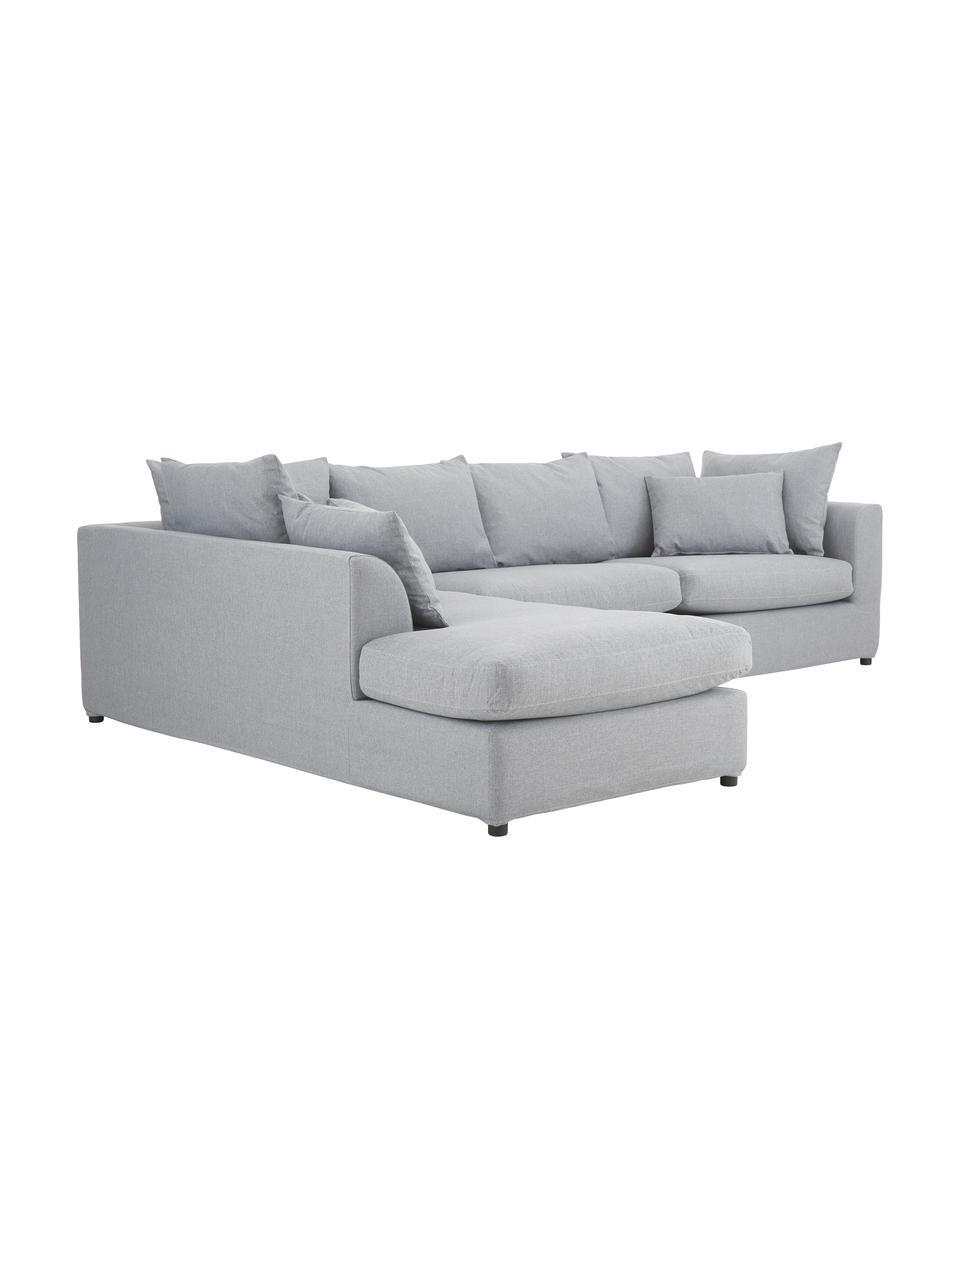 Sofa narożna Zach, Tapicerka: polipropylen Dzięki tkani, Nogi: tworzywo sztuczne, Szary, S 300 x G 213 cm